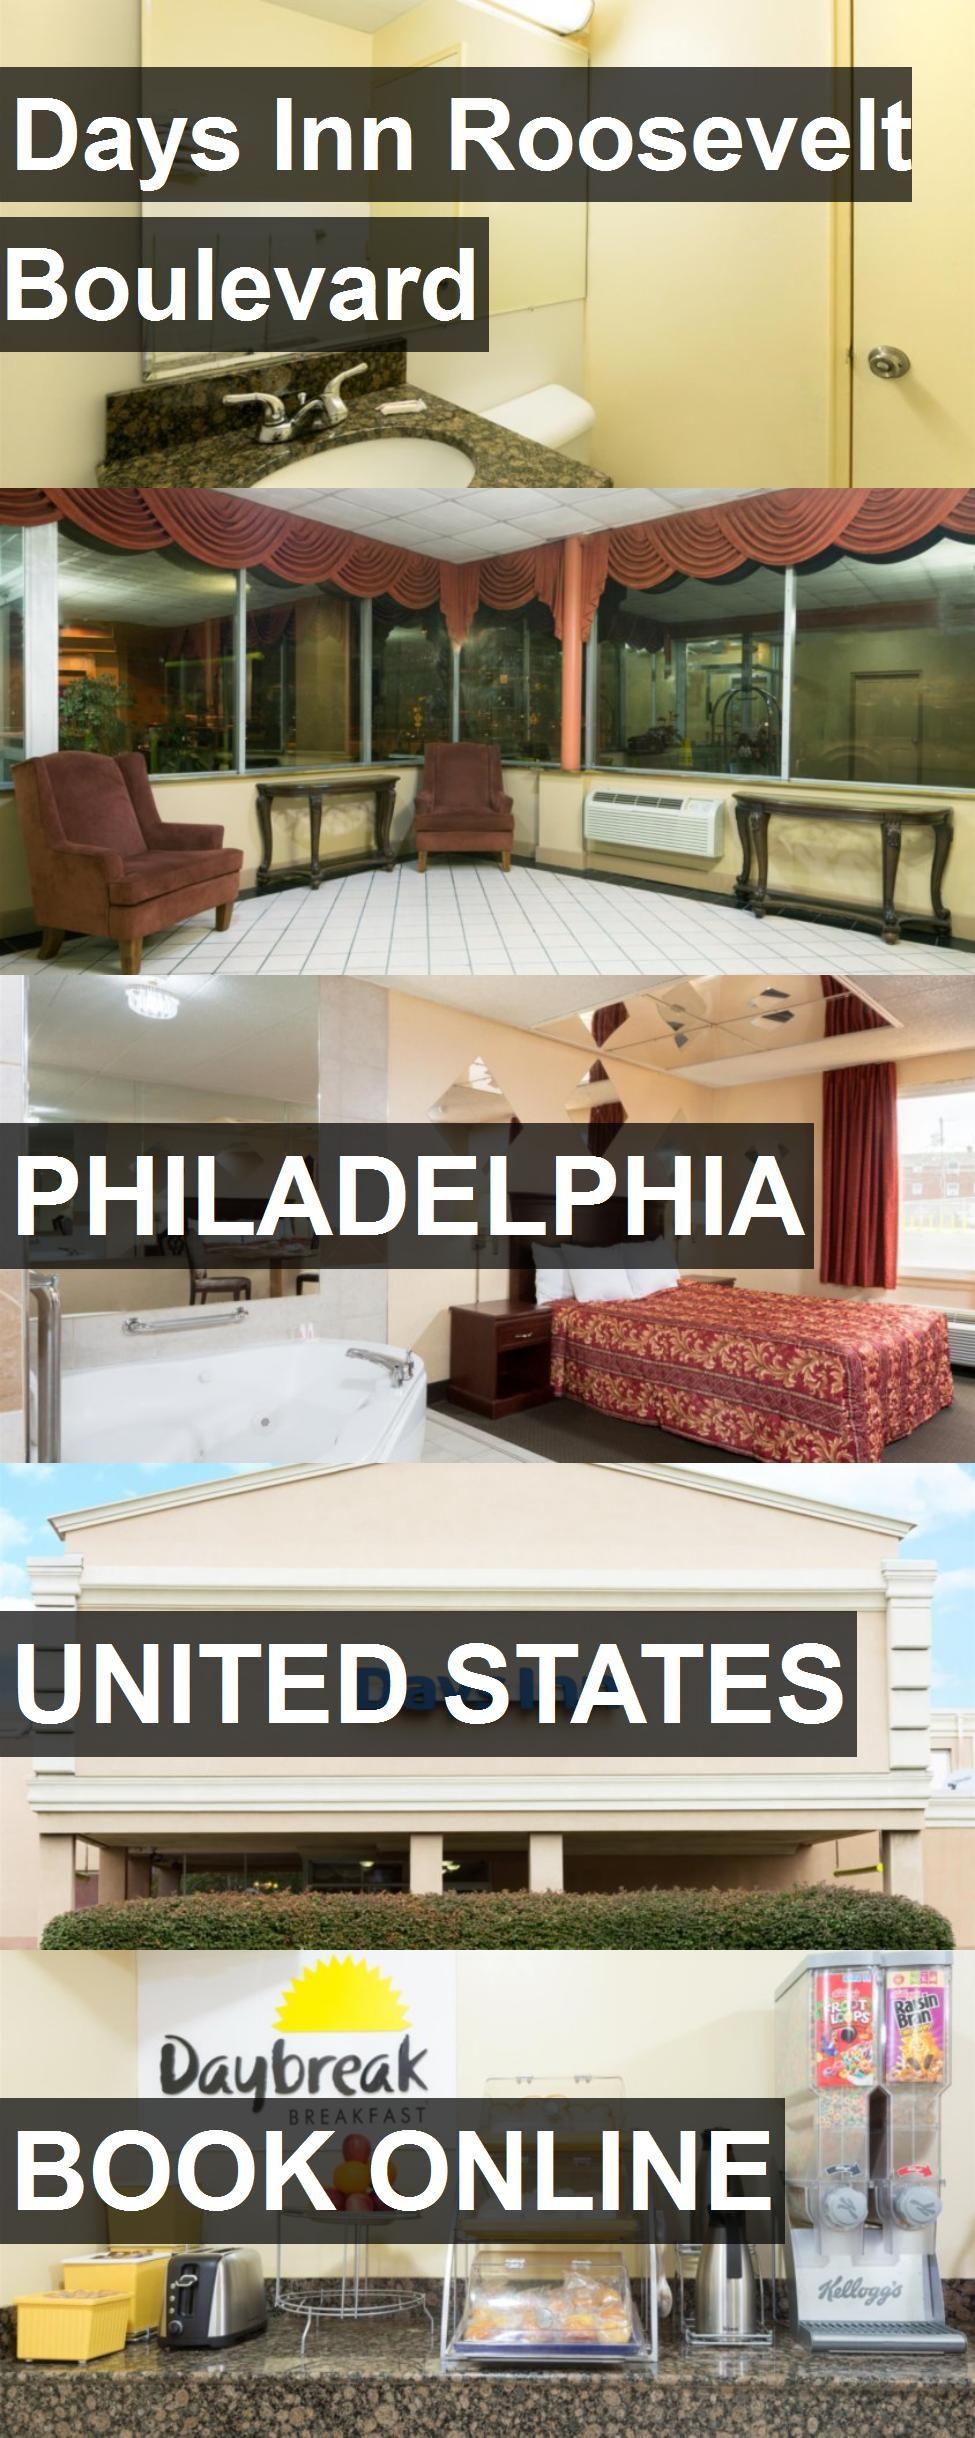 Hotel Days Inn Roosevelt Boulevard In Philadelphia, United